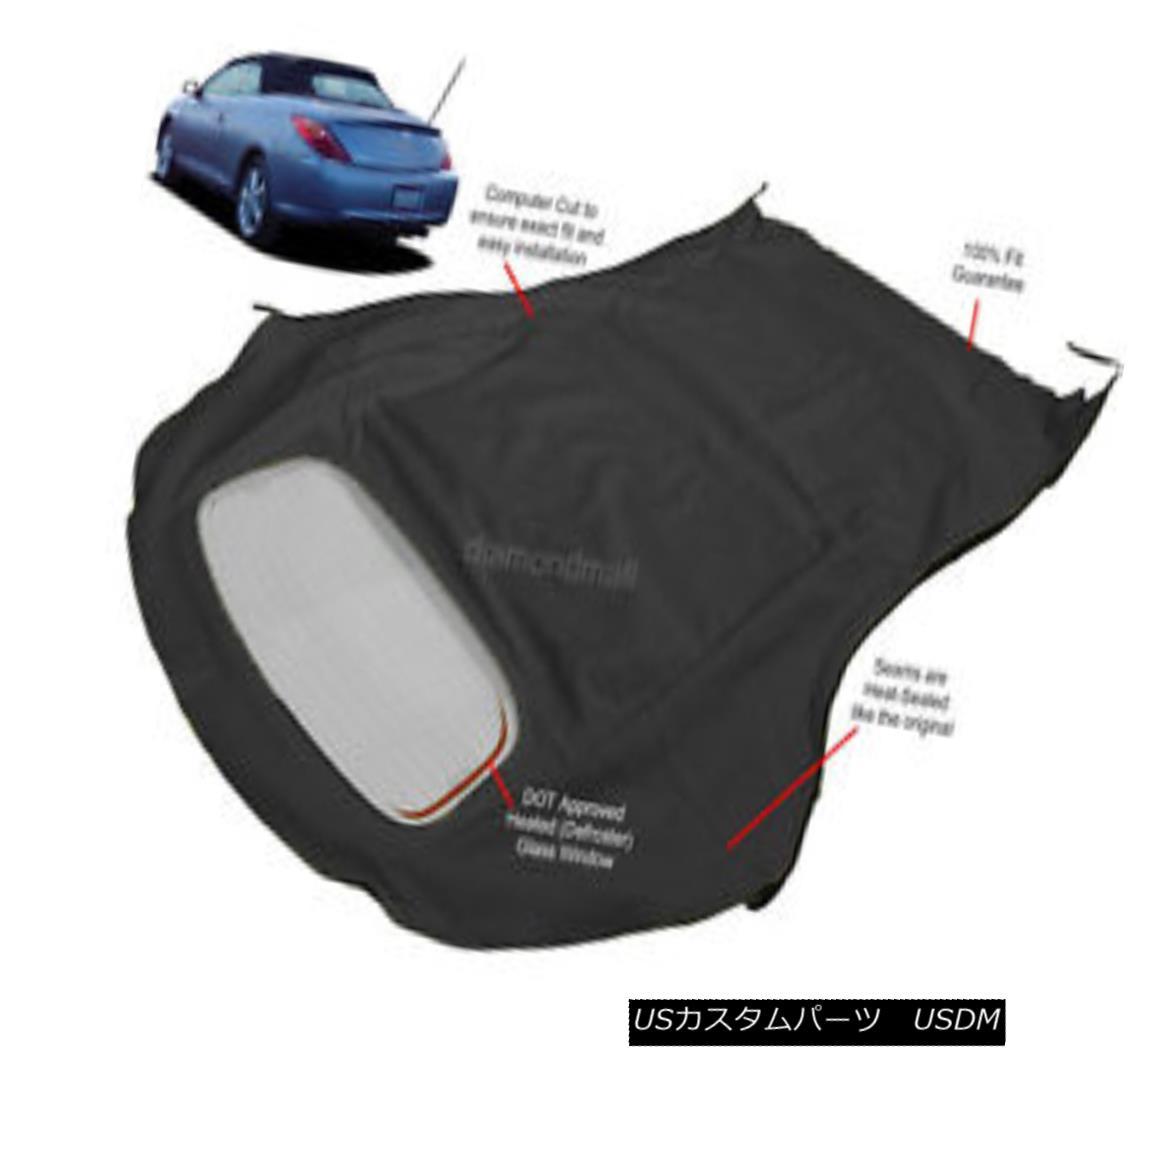 幌・ソフトトップ Toyota Camry, Solara Convertible Soft Top & Glass Window 2004-2009 Black Twill トヨタカムリ、ソララコンバーチブルソフトトップ& Glass Window 2004-2009 Black Twill